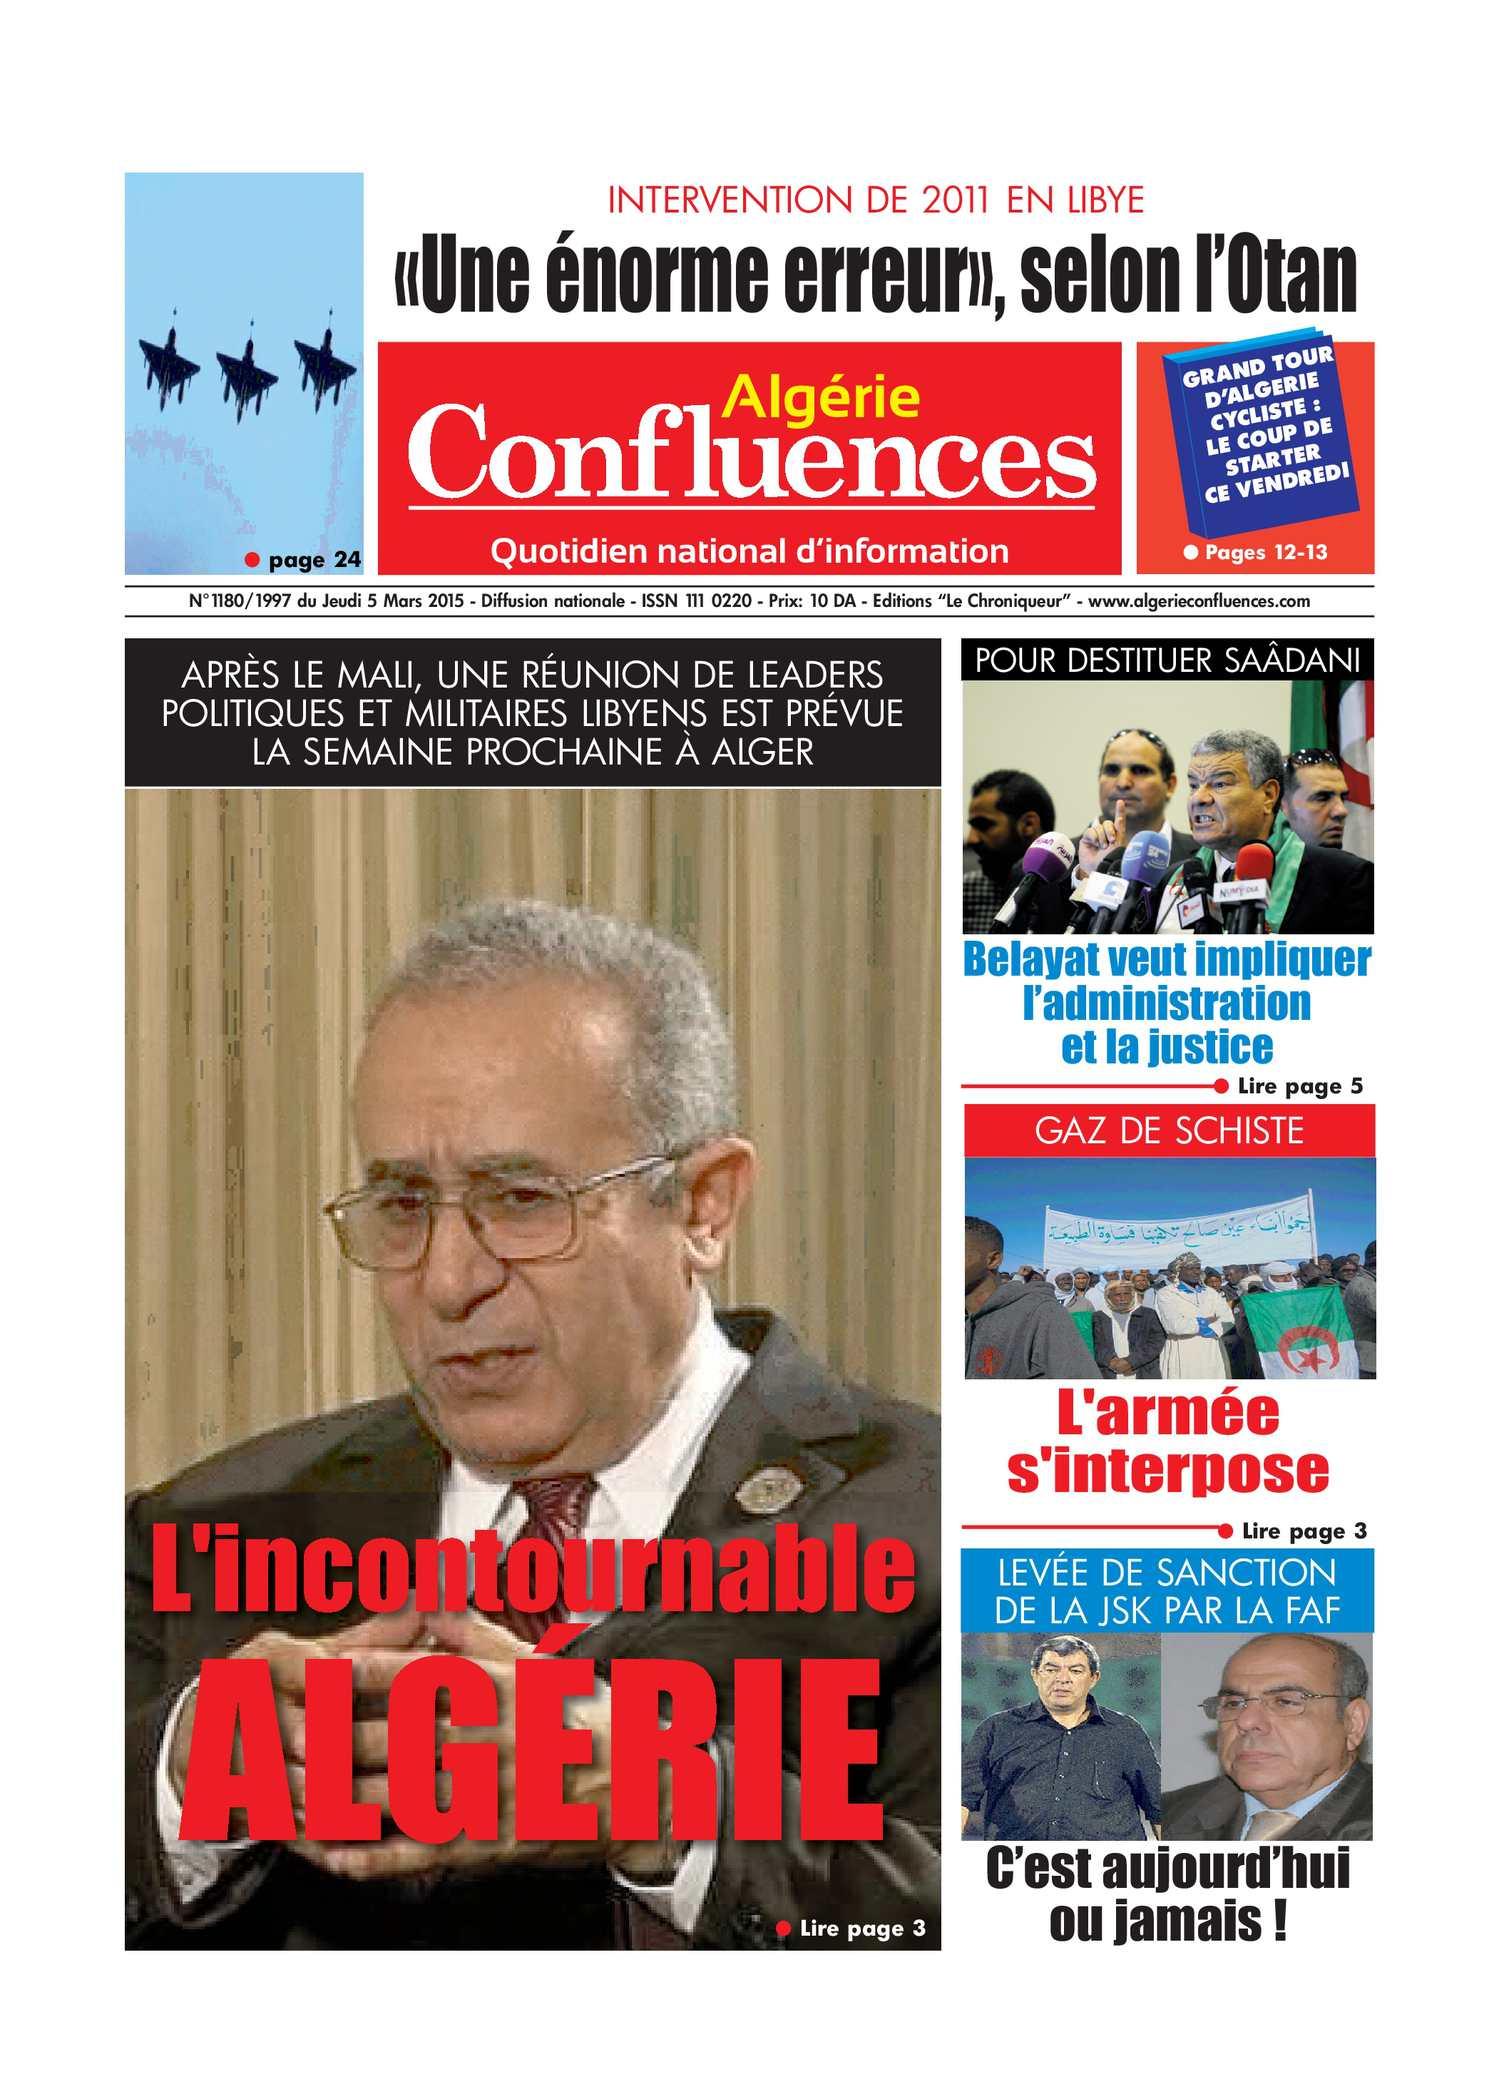 Algérie Confluences 5